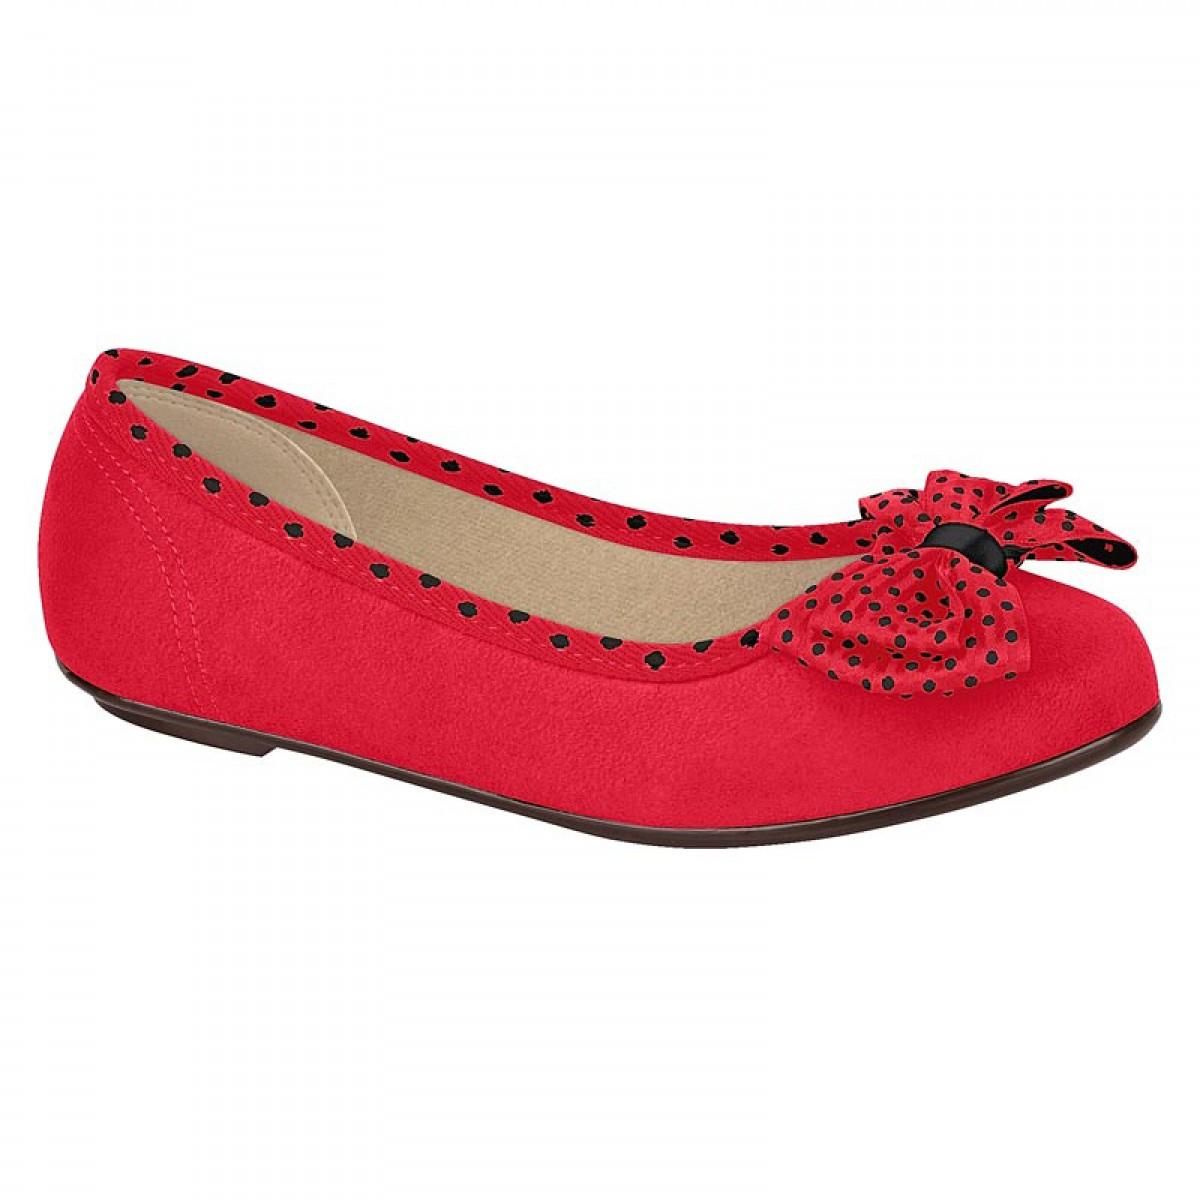 928aecf05 Sapatilha Molekinha Menina Laço de Bolinha Vermelha - Compre Aqui ...